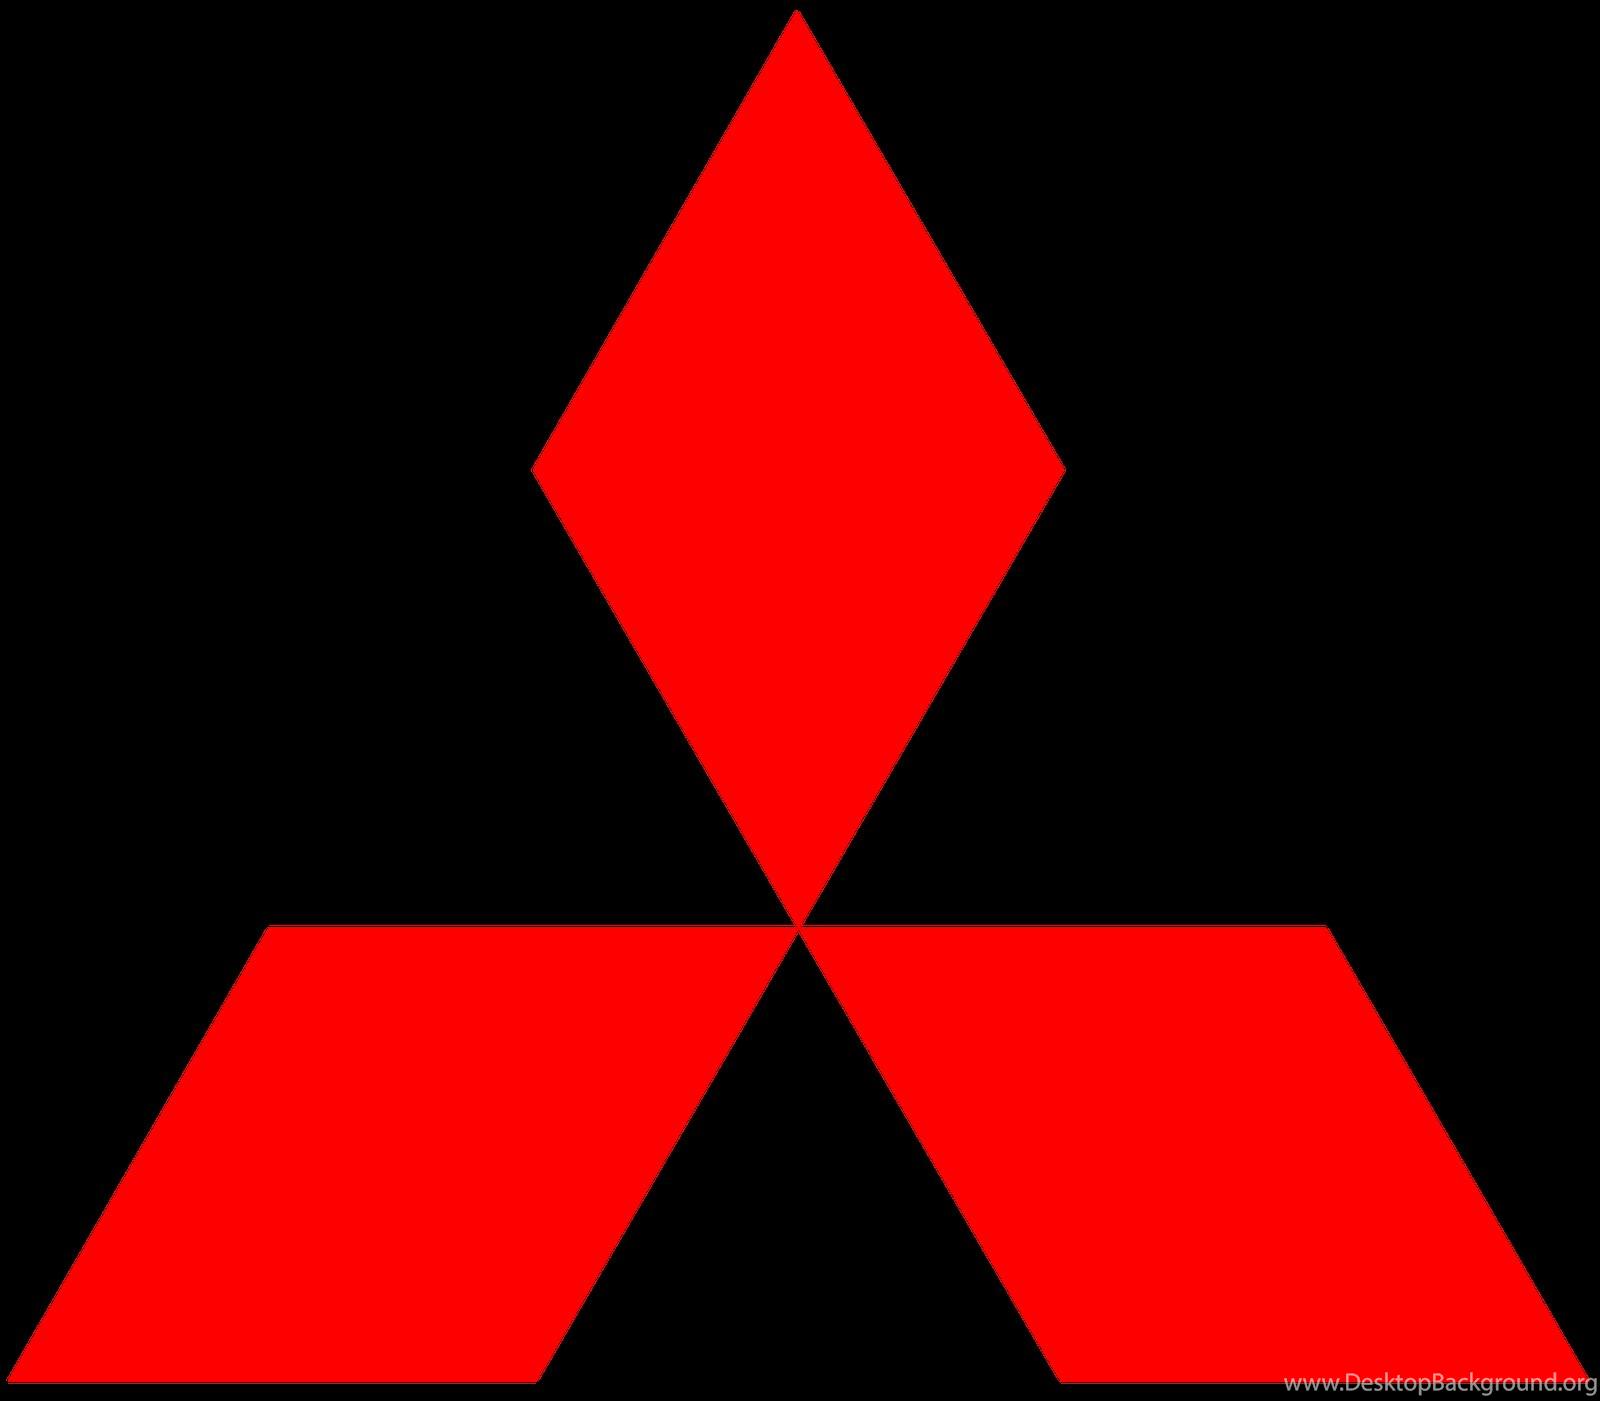 Lancer Wallpaper 1920x1200: Mitsubishi Logo Wallpapers